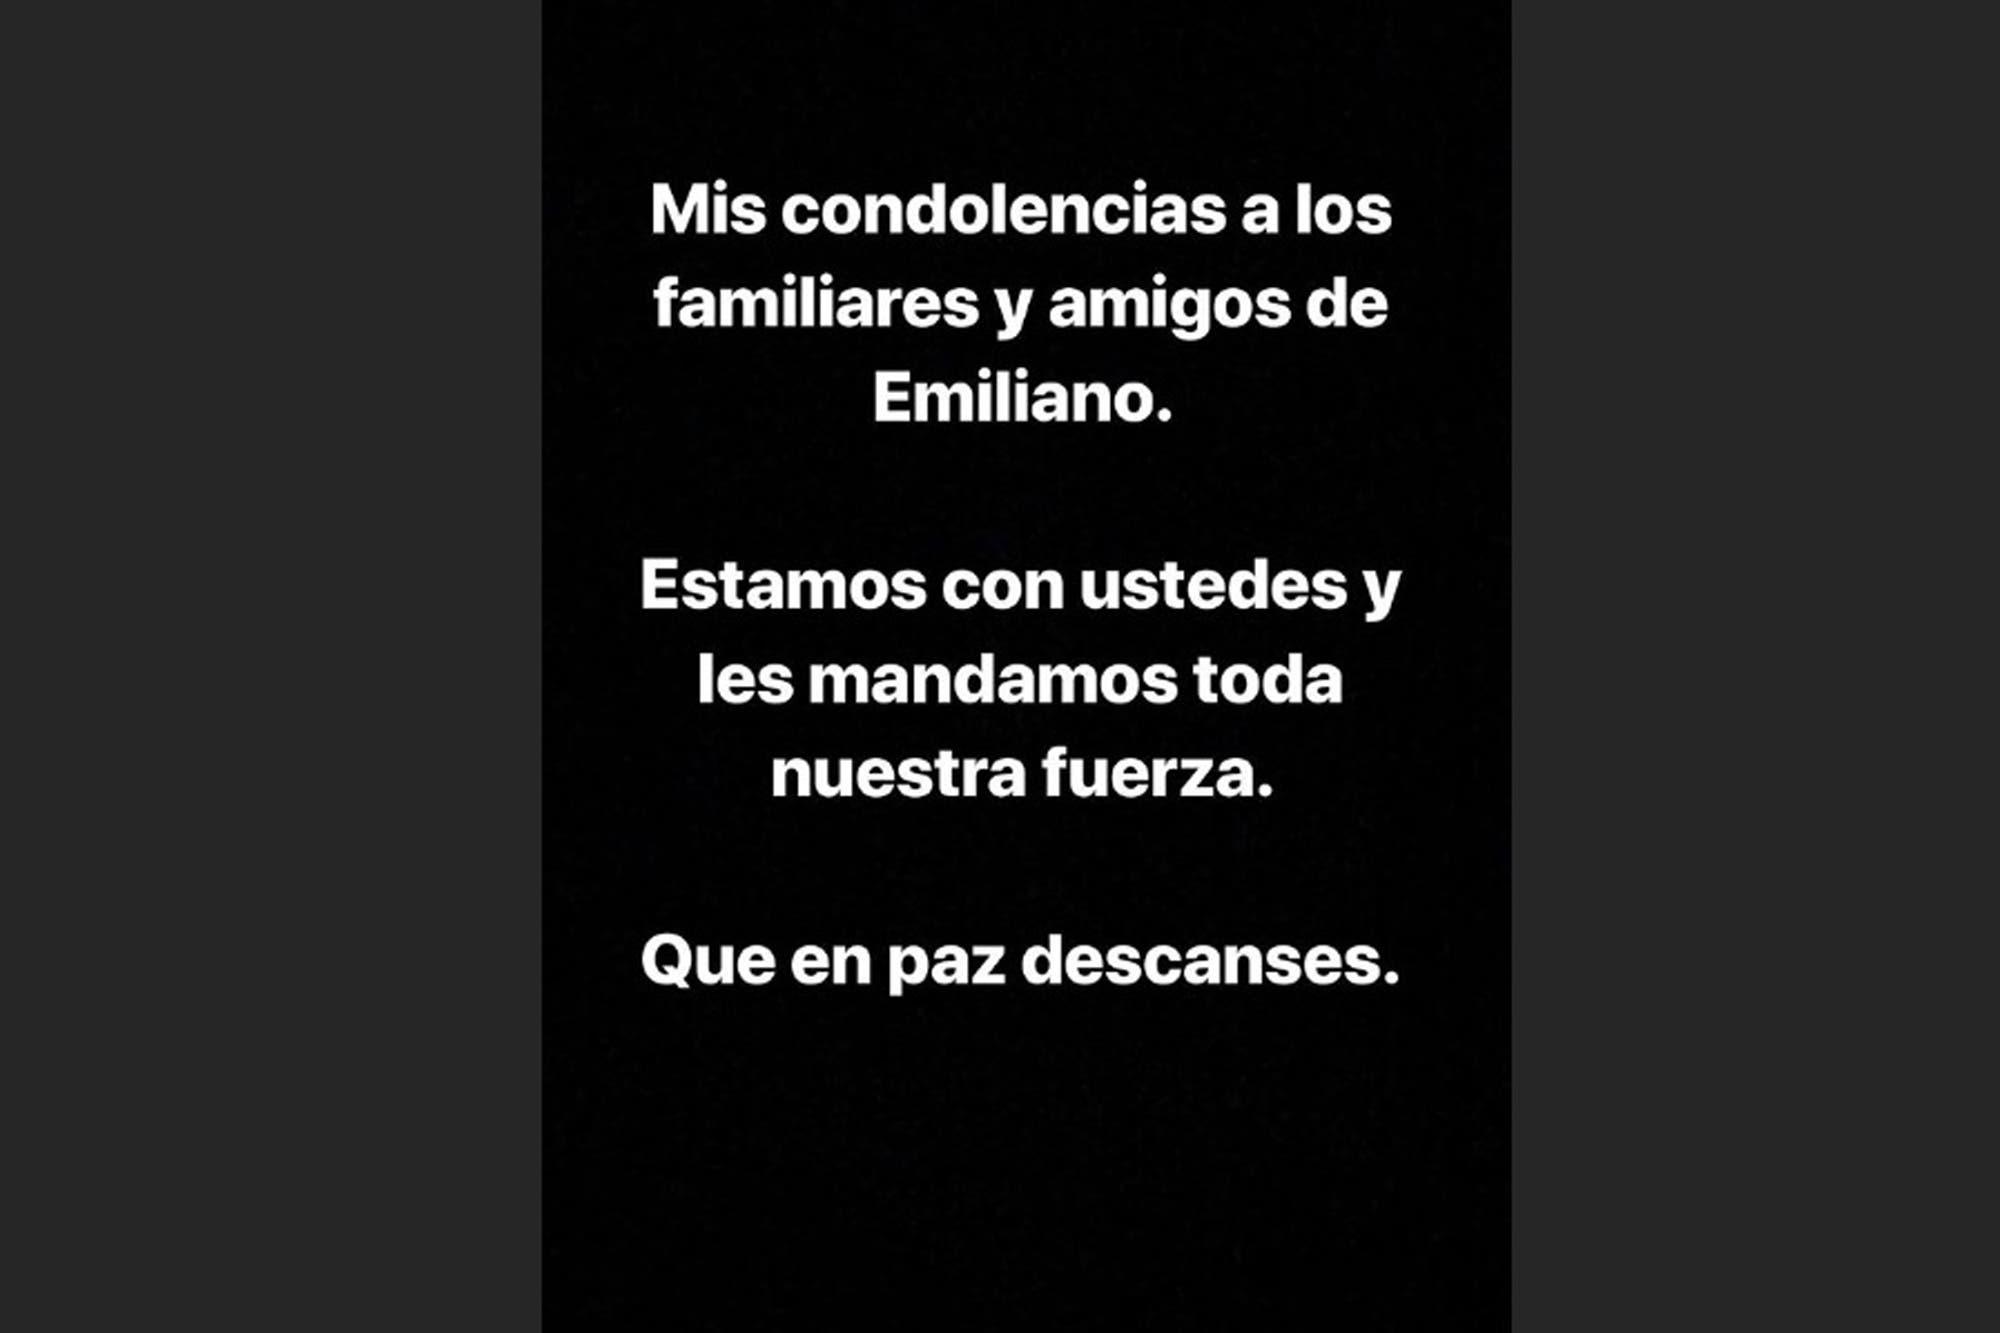 El mensaje de luto de Lionel Messi por el fallecimiento de Emiliano Sala